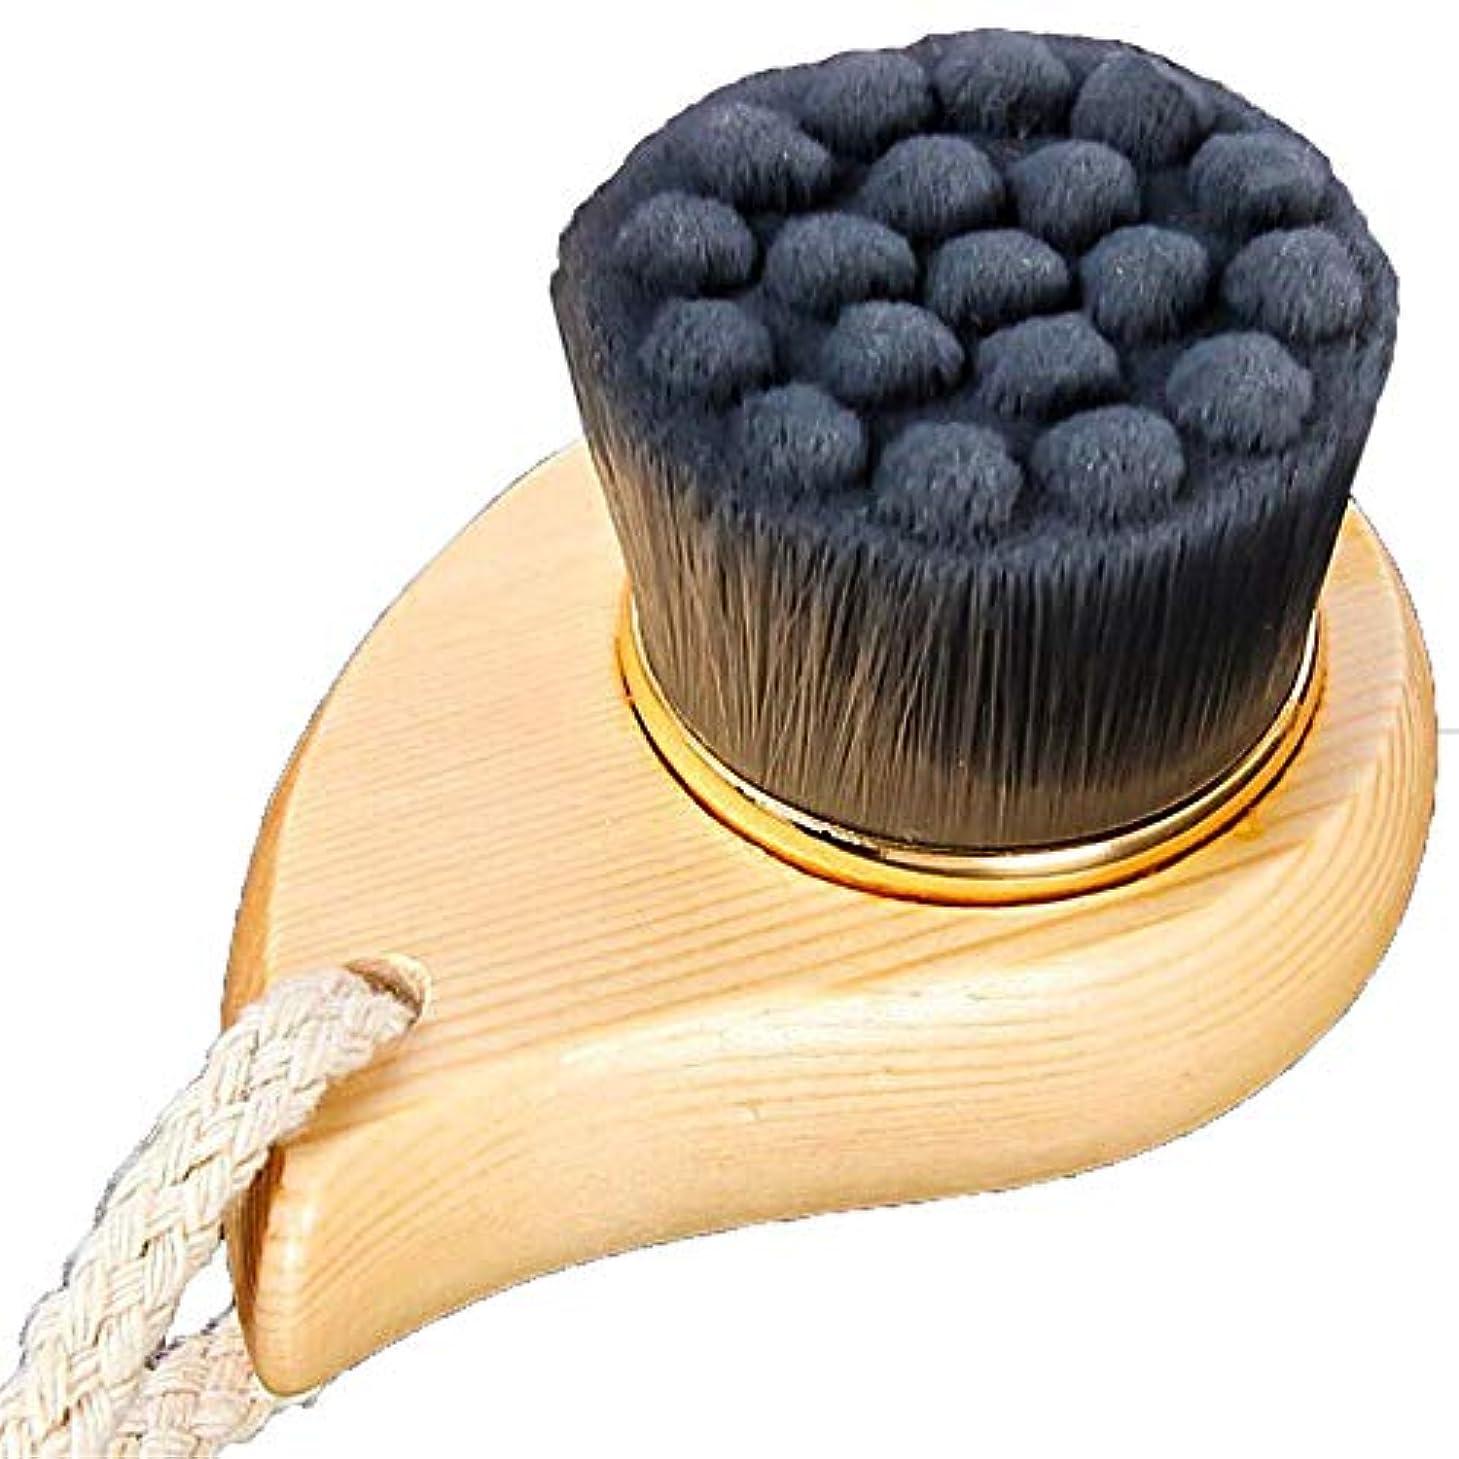 細心の乱闘リスキーな洗顔ブラシ 深い毛穴のための柔らかい剛毛の表面クリーニングの美のブラシの清潔になることの美顔術のブラシ ディープクレンジングスキンケア用